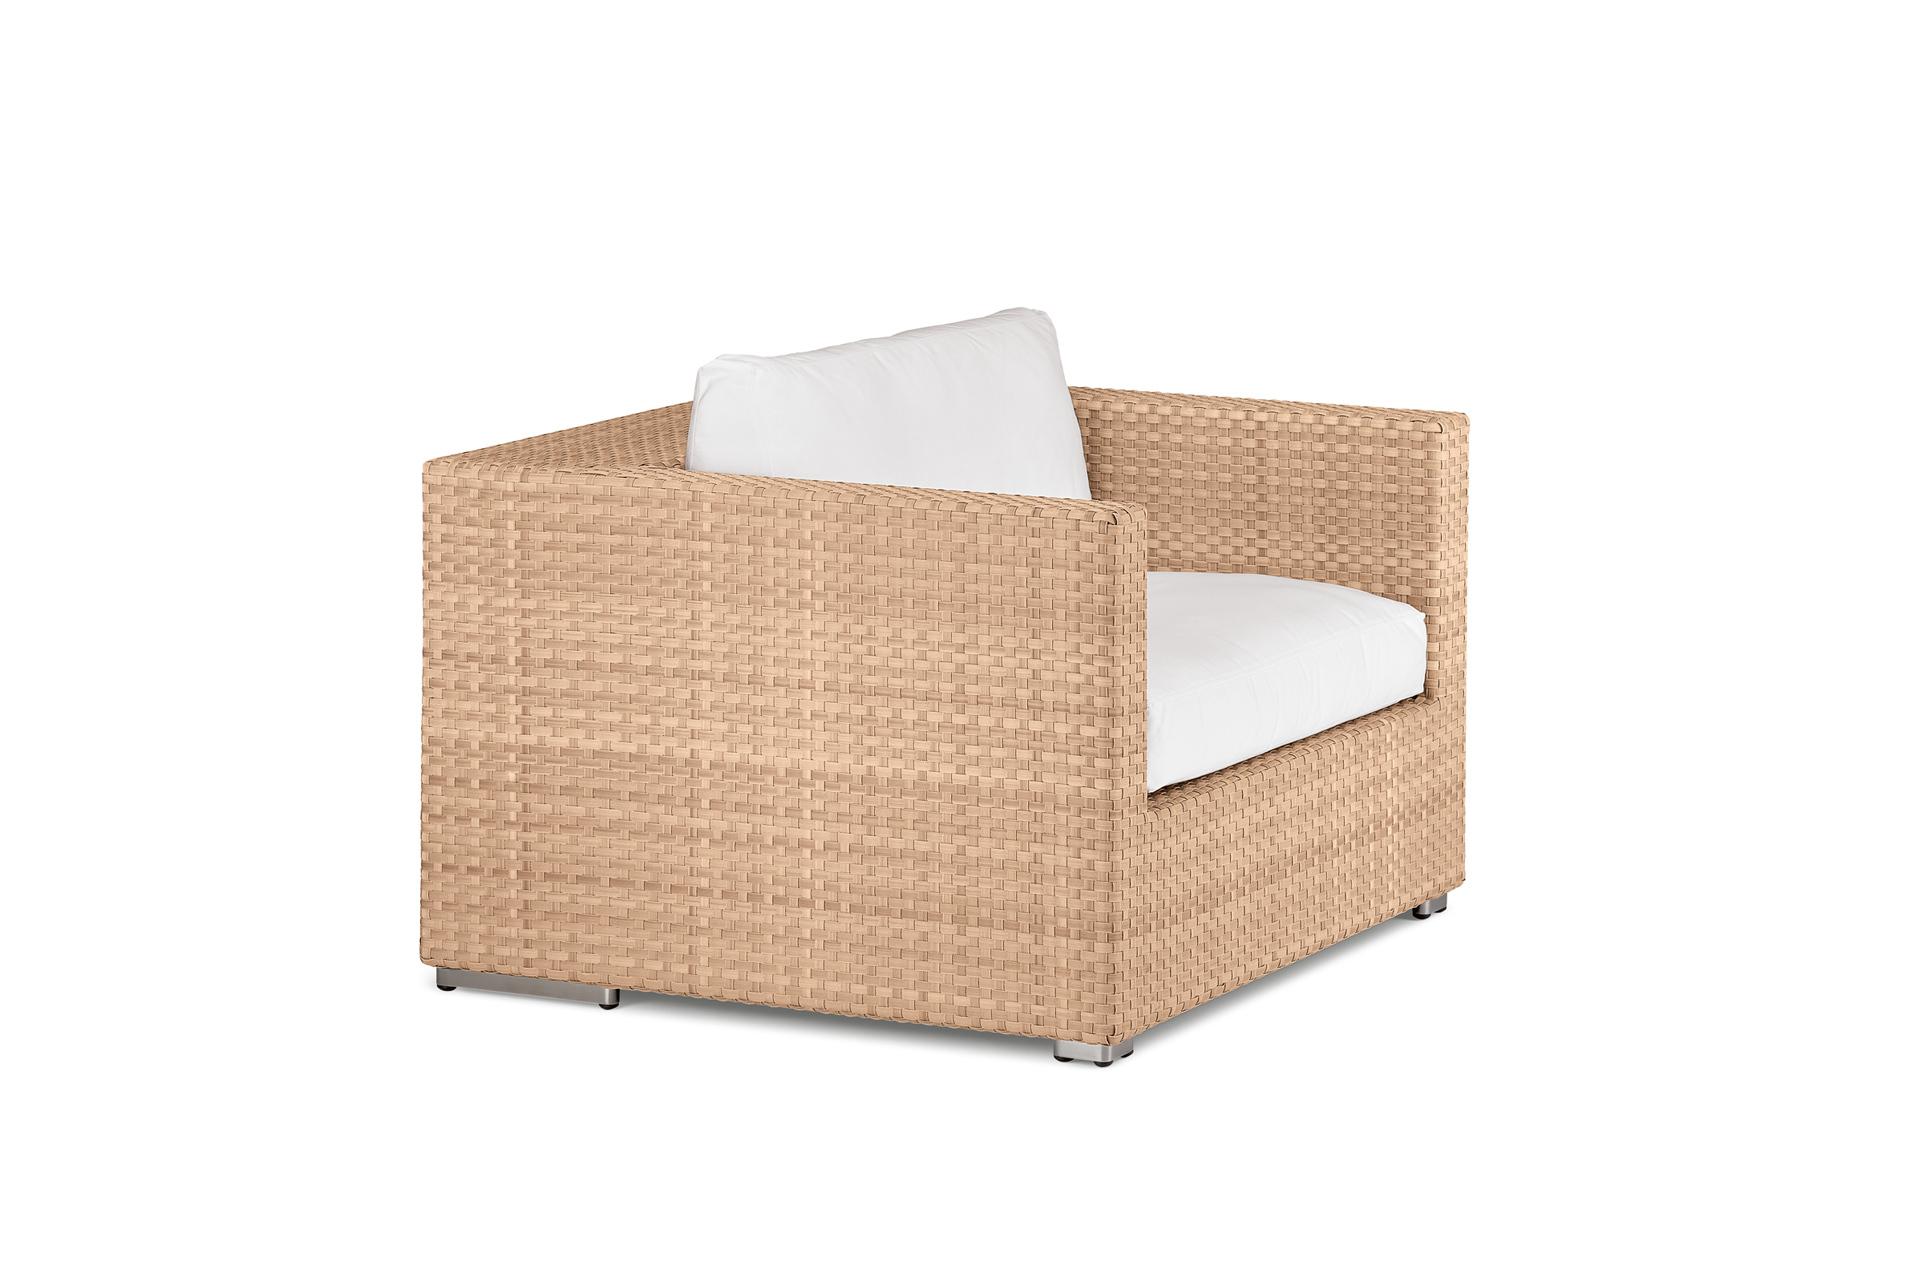 Wondrous Lounge Lounge Chair By Dedon Stylepark Short Links Chair Design For Home Short Linksinfo